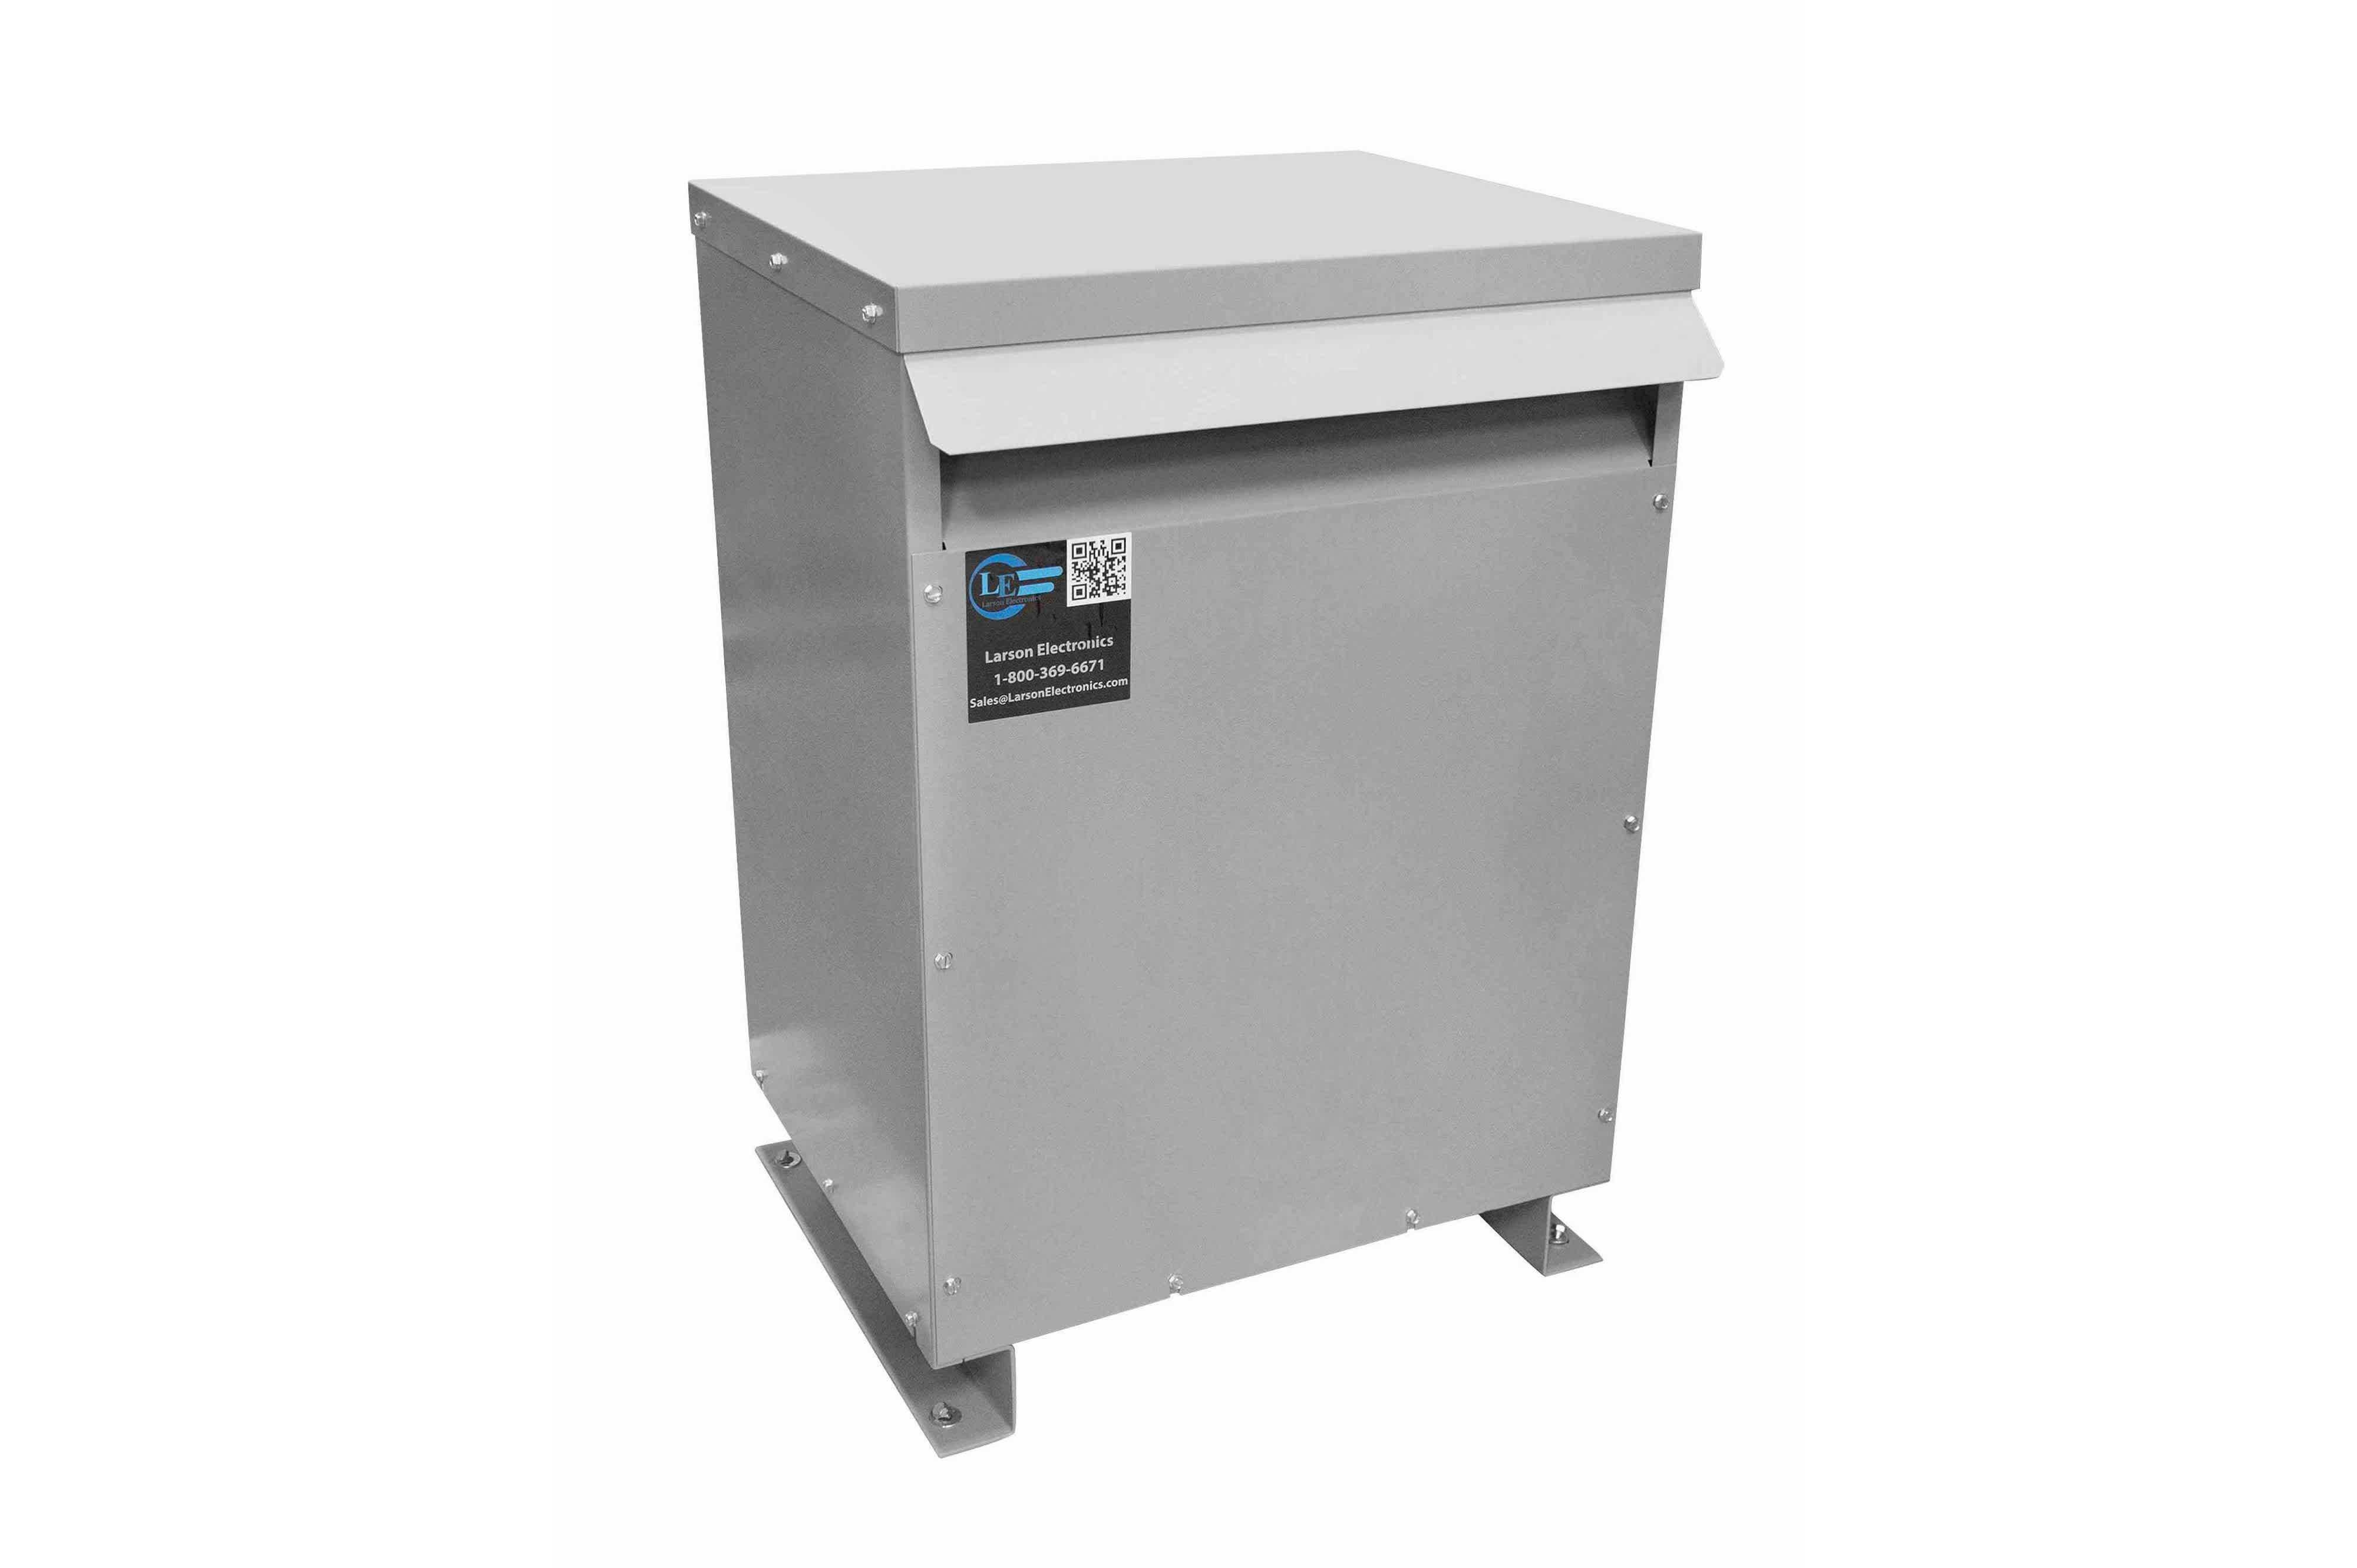 36 kVA 3PH Isolation Transformer, 415V Delta Primary, 480V Delta Secondary, N3R, Ventilated, 60 Hz